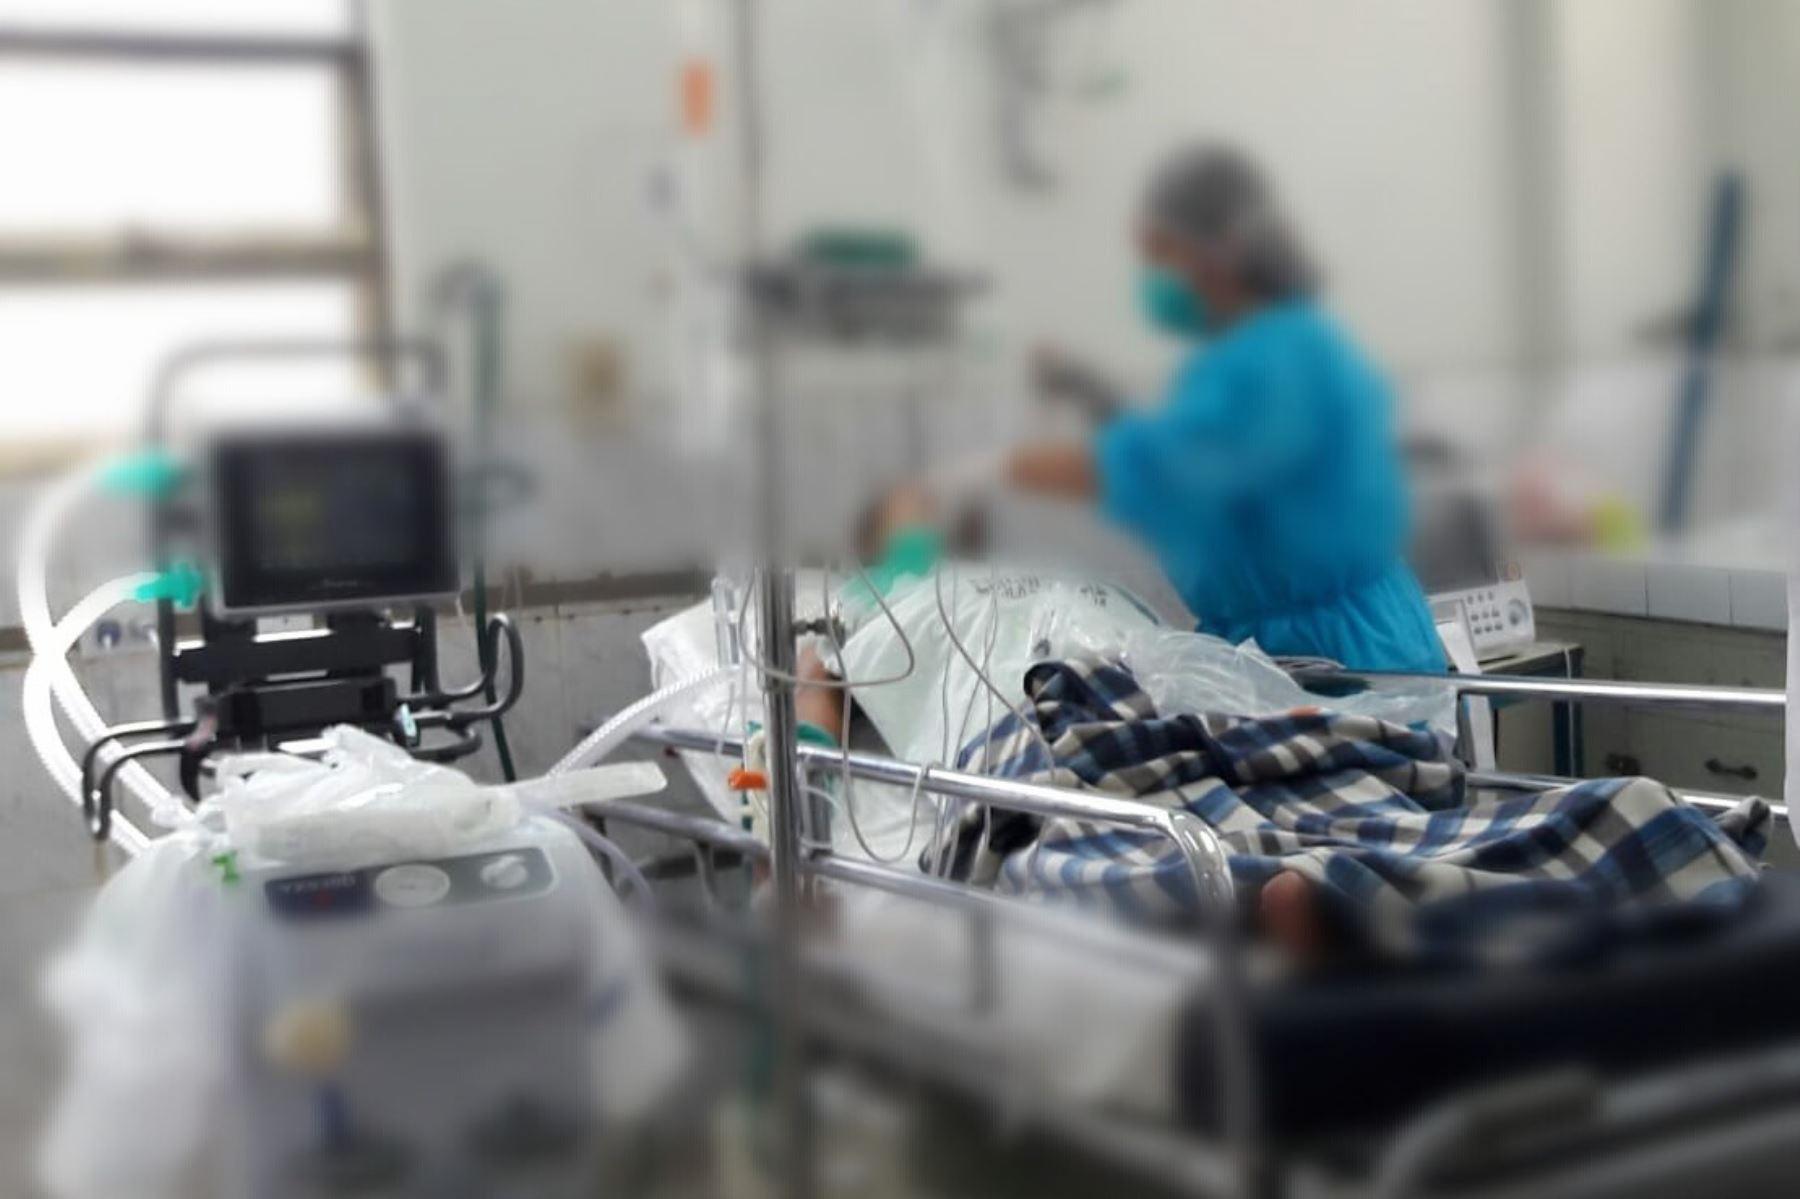 Un octogenario falleció esta tarde en la Unidad de Cuidados Intensivos del Hospital Belén de Trujillo (La Libertad). Foto: ANDINA/Luis Puell